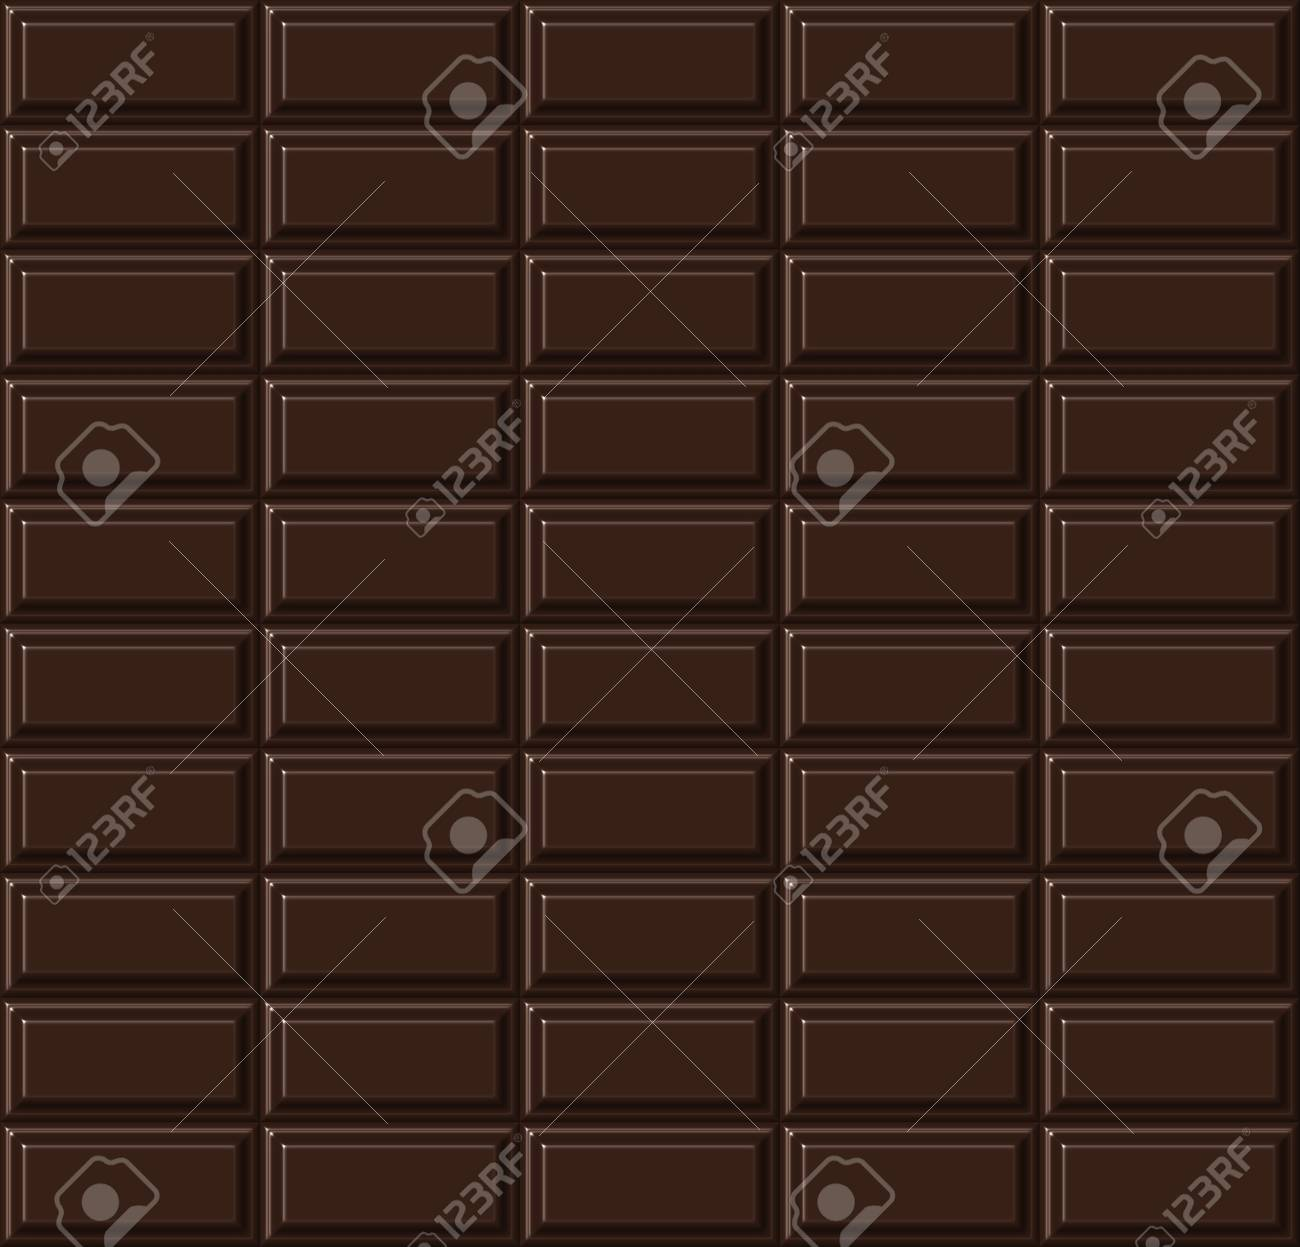 Chocolate seamless pattern. Stock Photo - 12032919